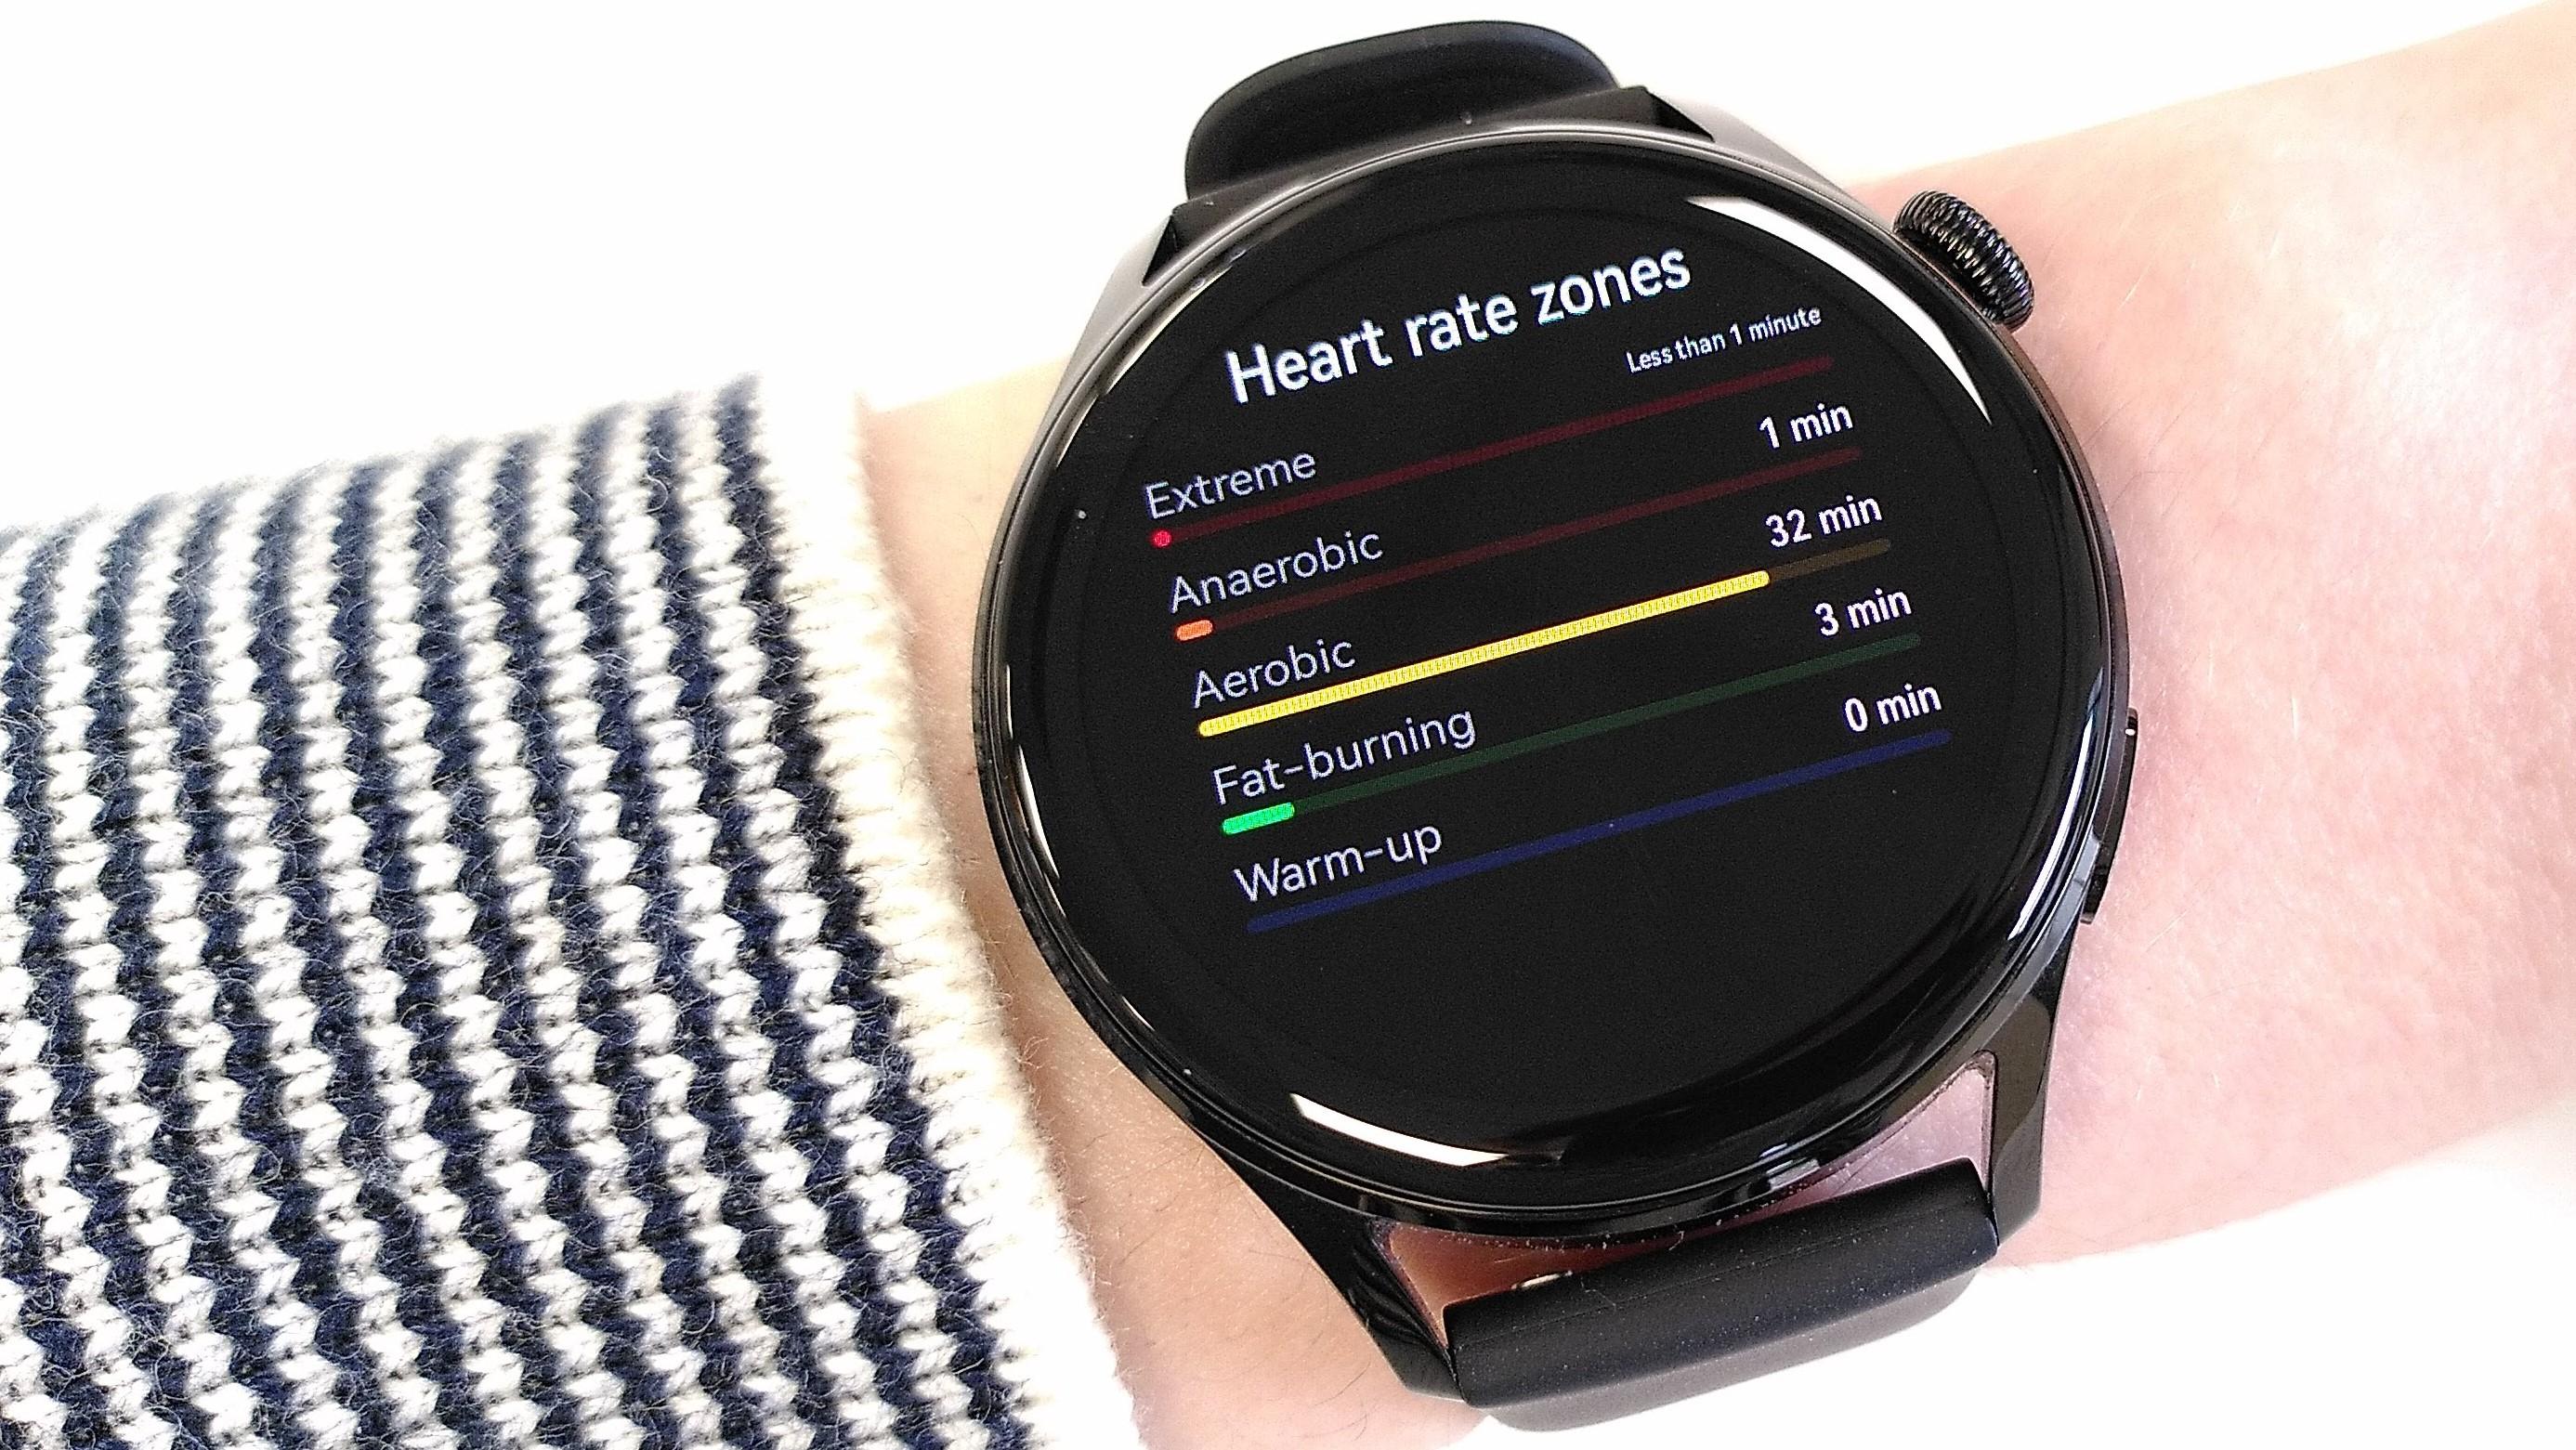 Huawei Watch 3 heart rate zone tracking